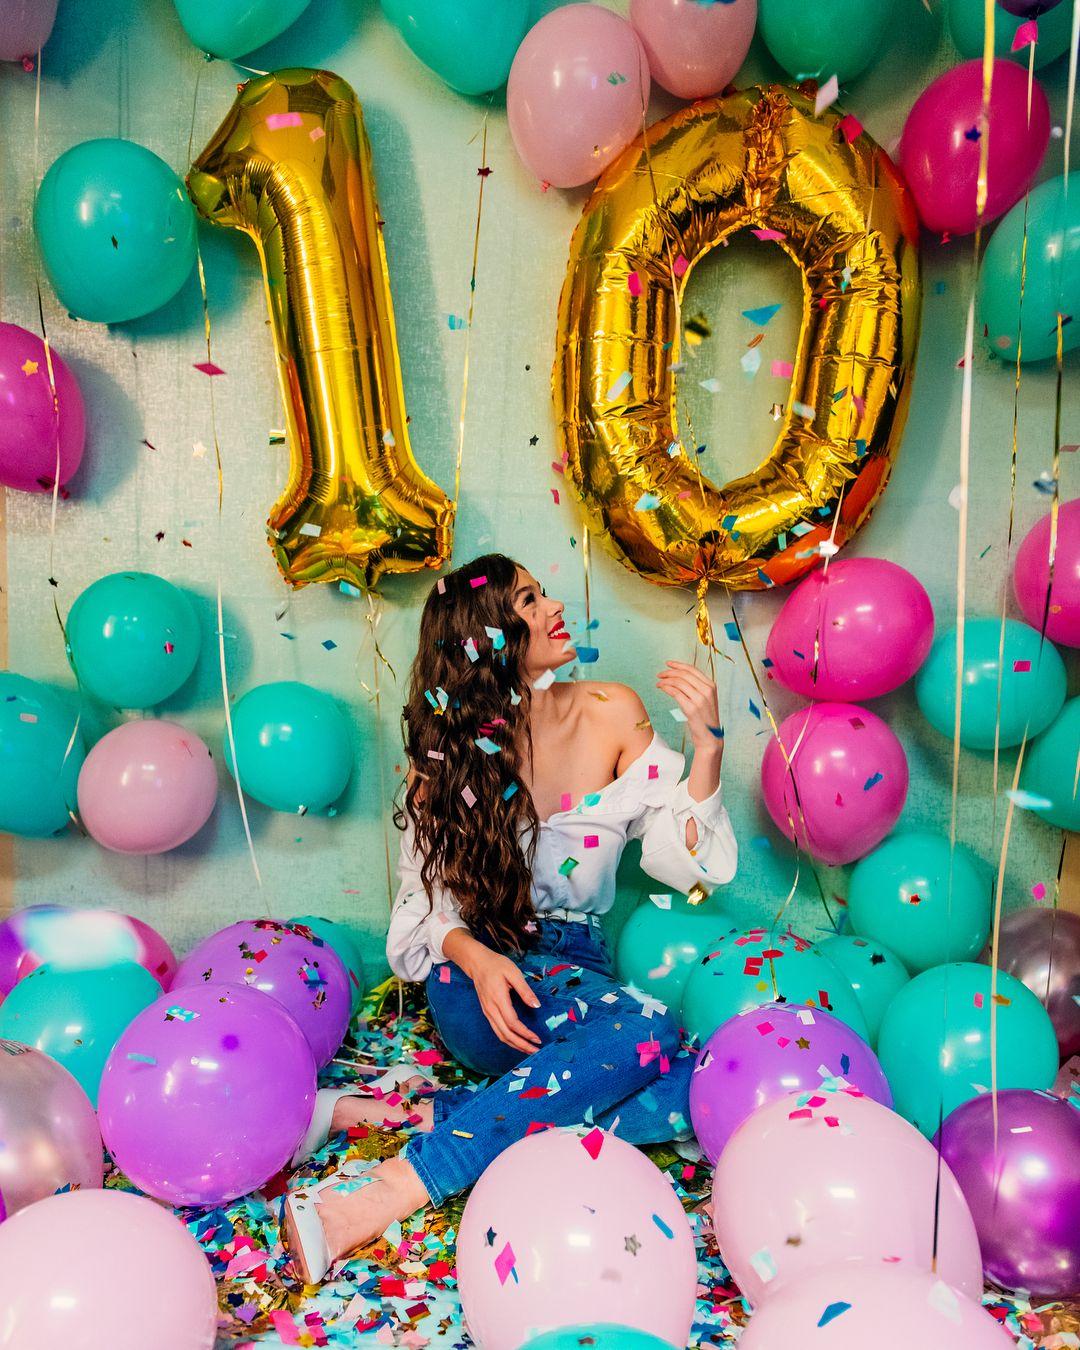 Birthday Photoshoot Idea Fiestas De Cumpleanos Para Adolescentes